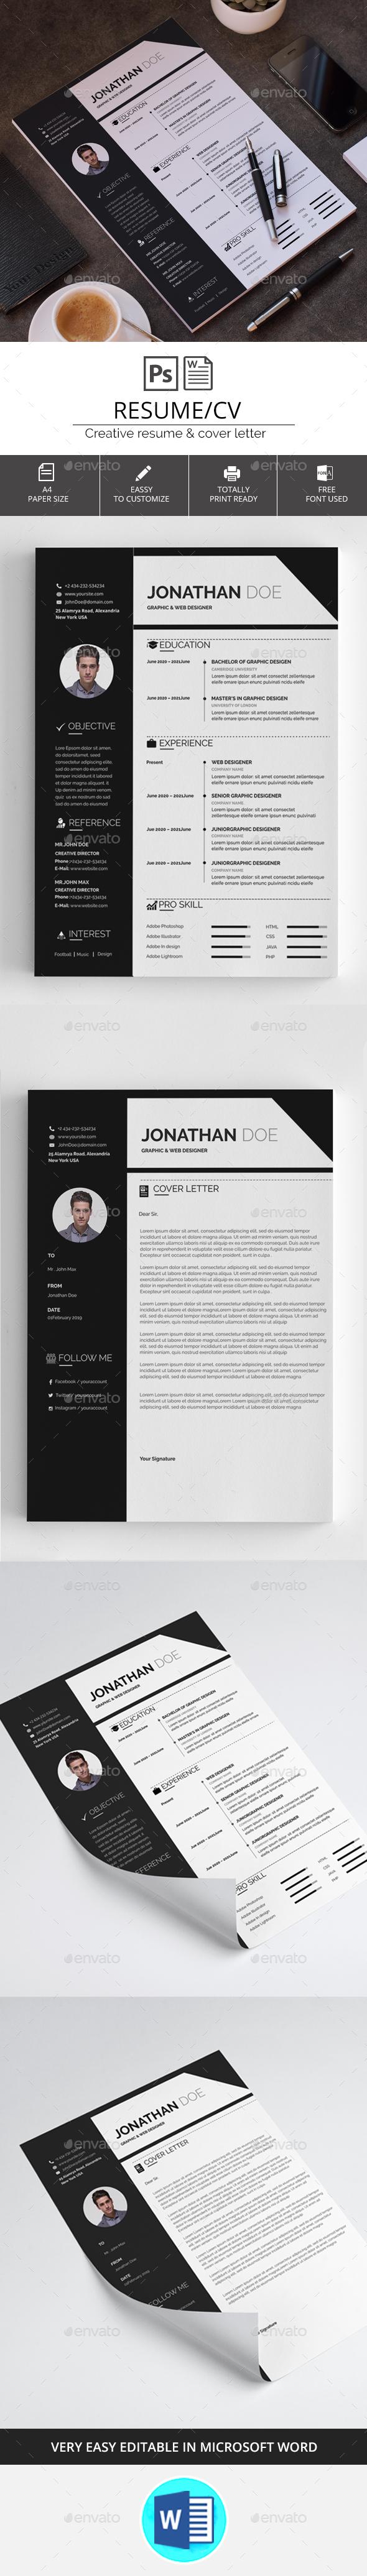 GraphicRiver Resume CV 20442741